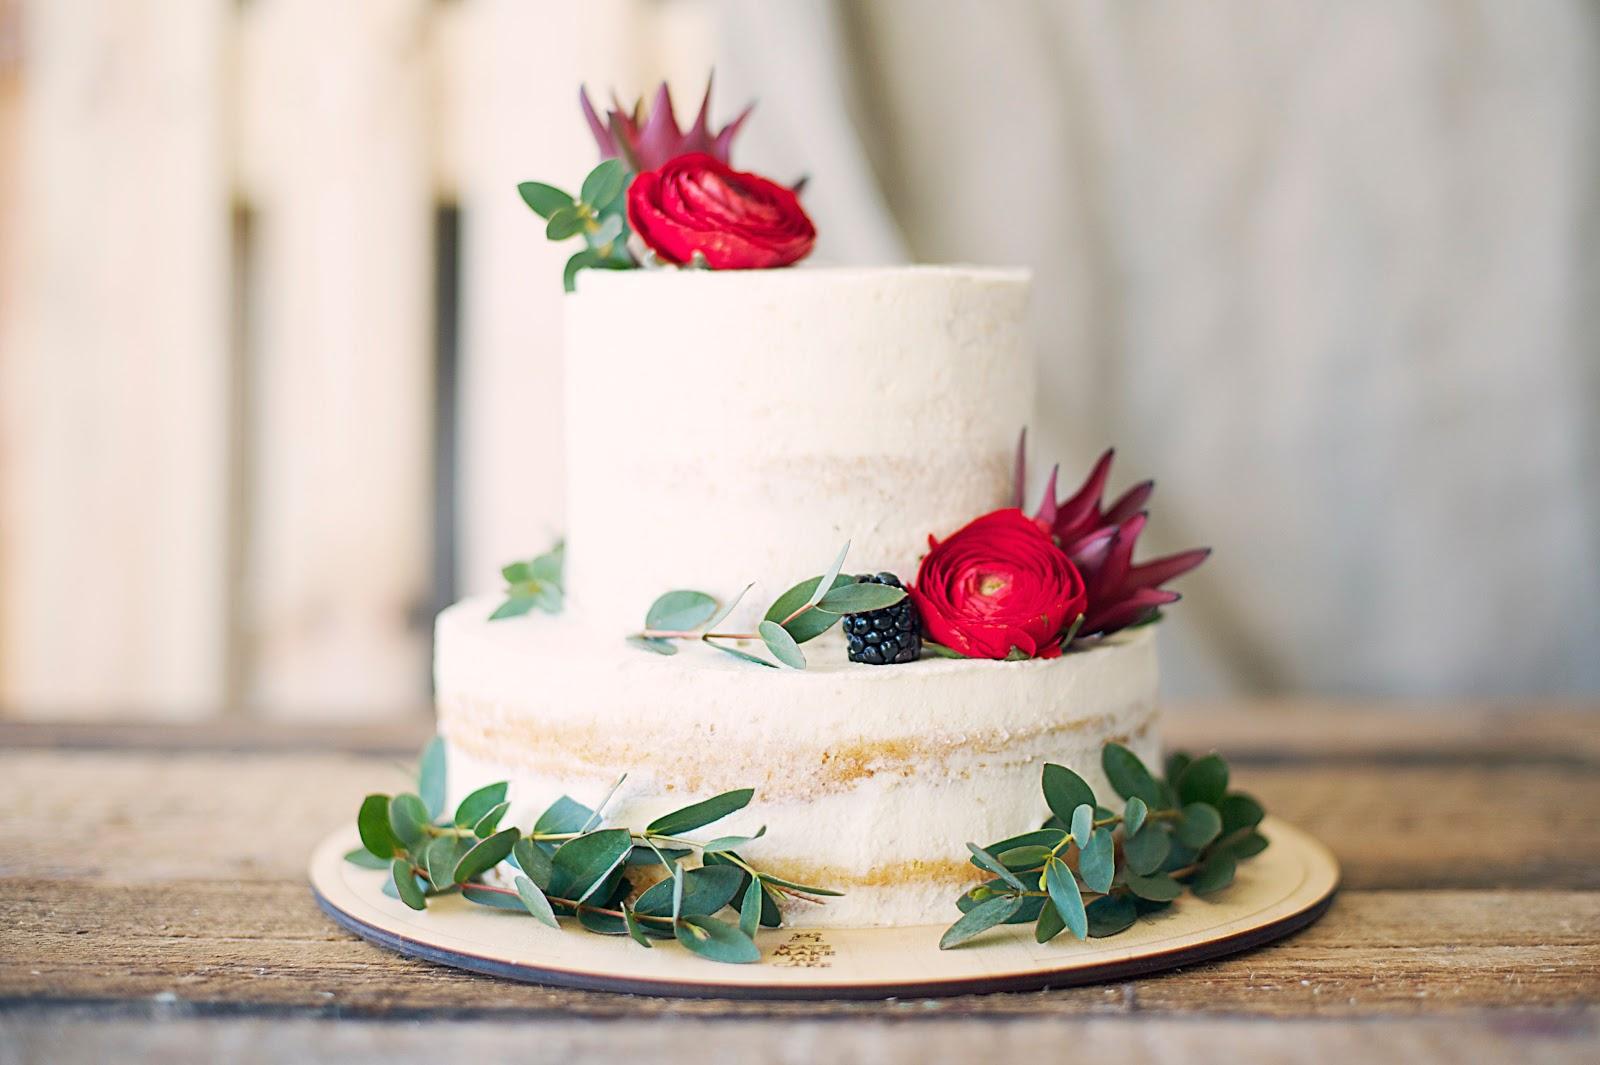 Milujete pečení? Zkuste výrobu dortů na zakázku.